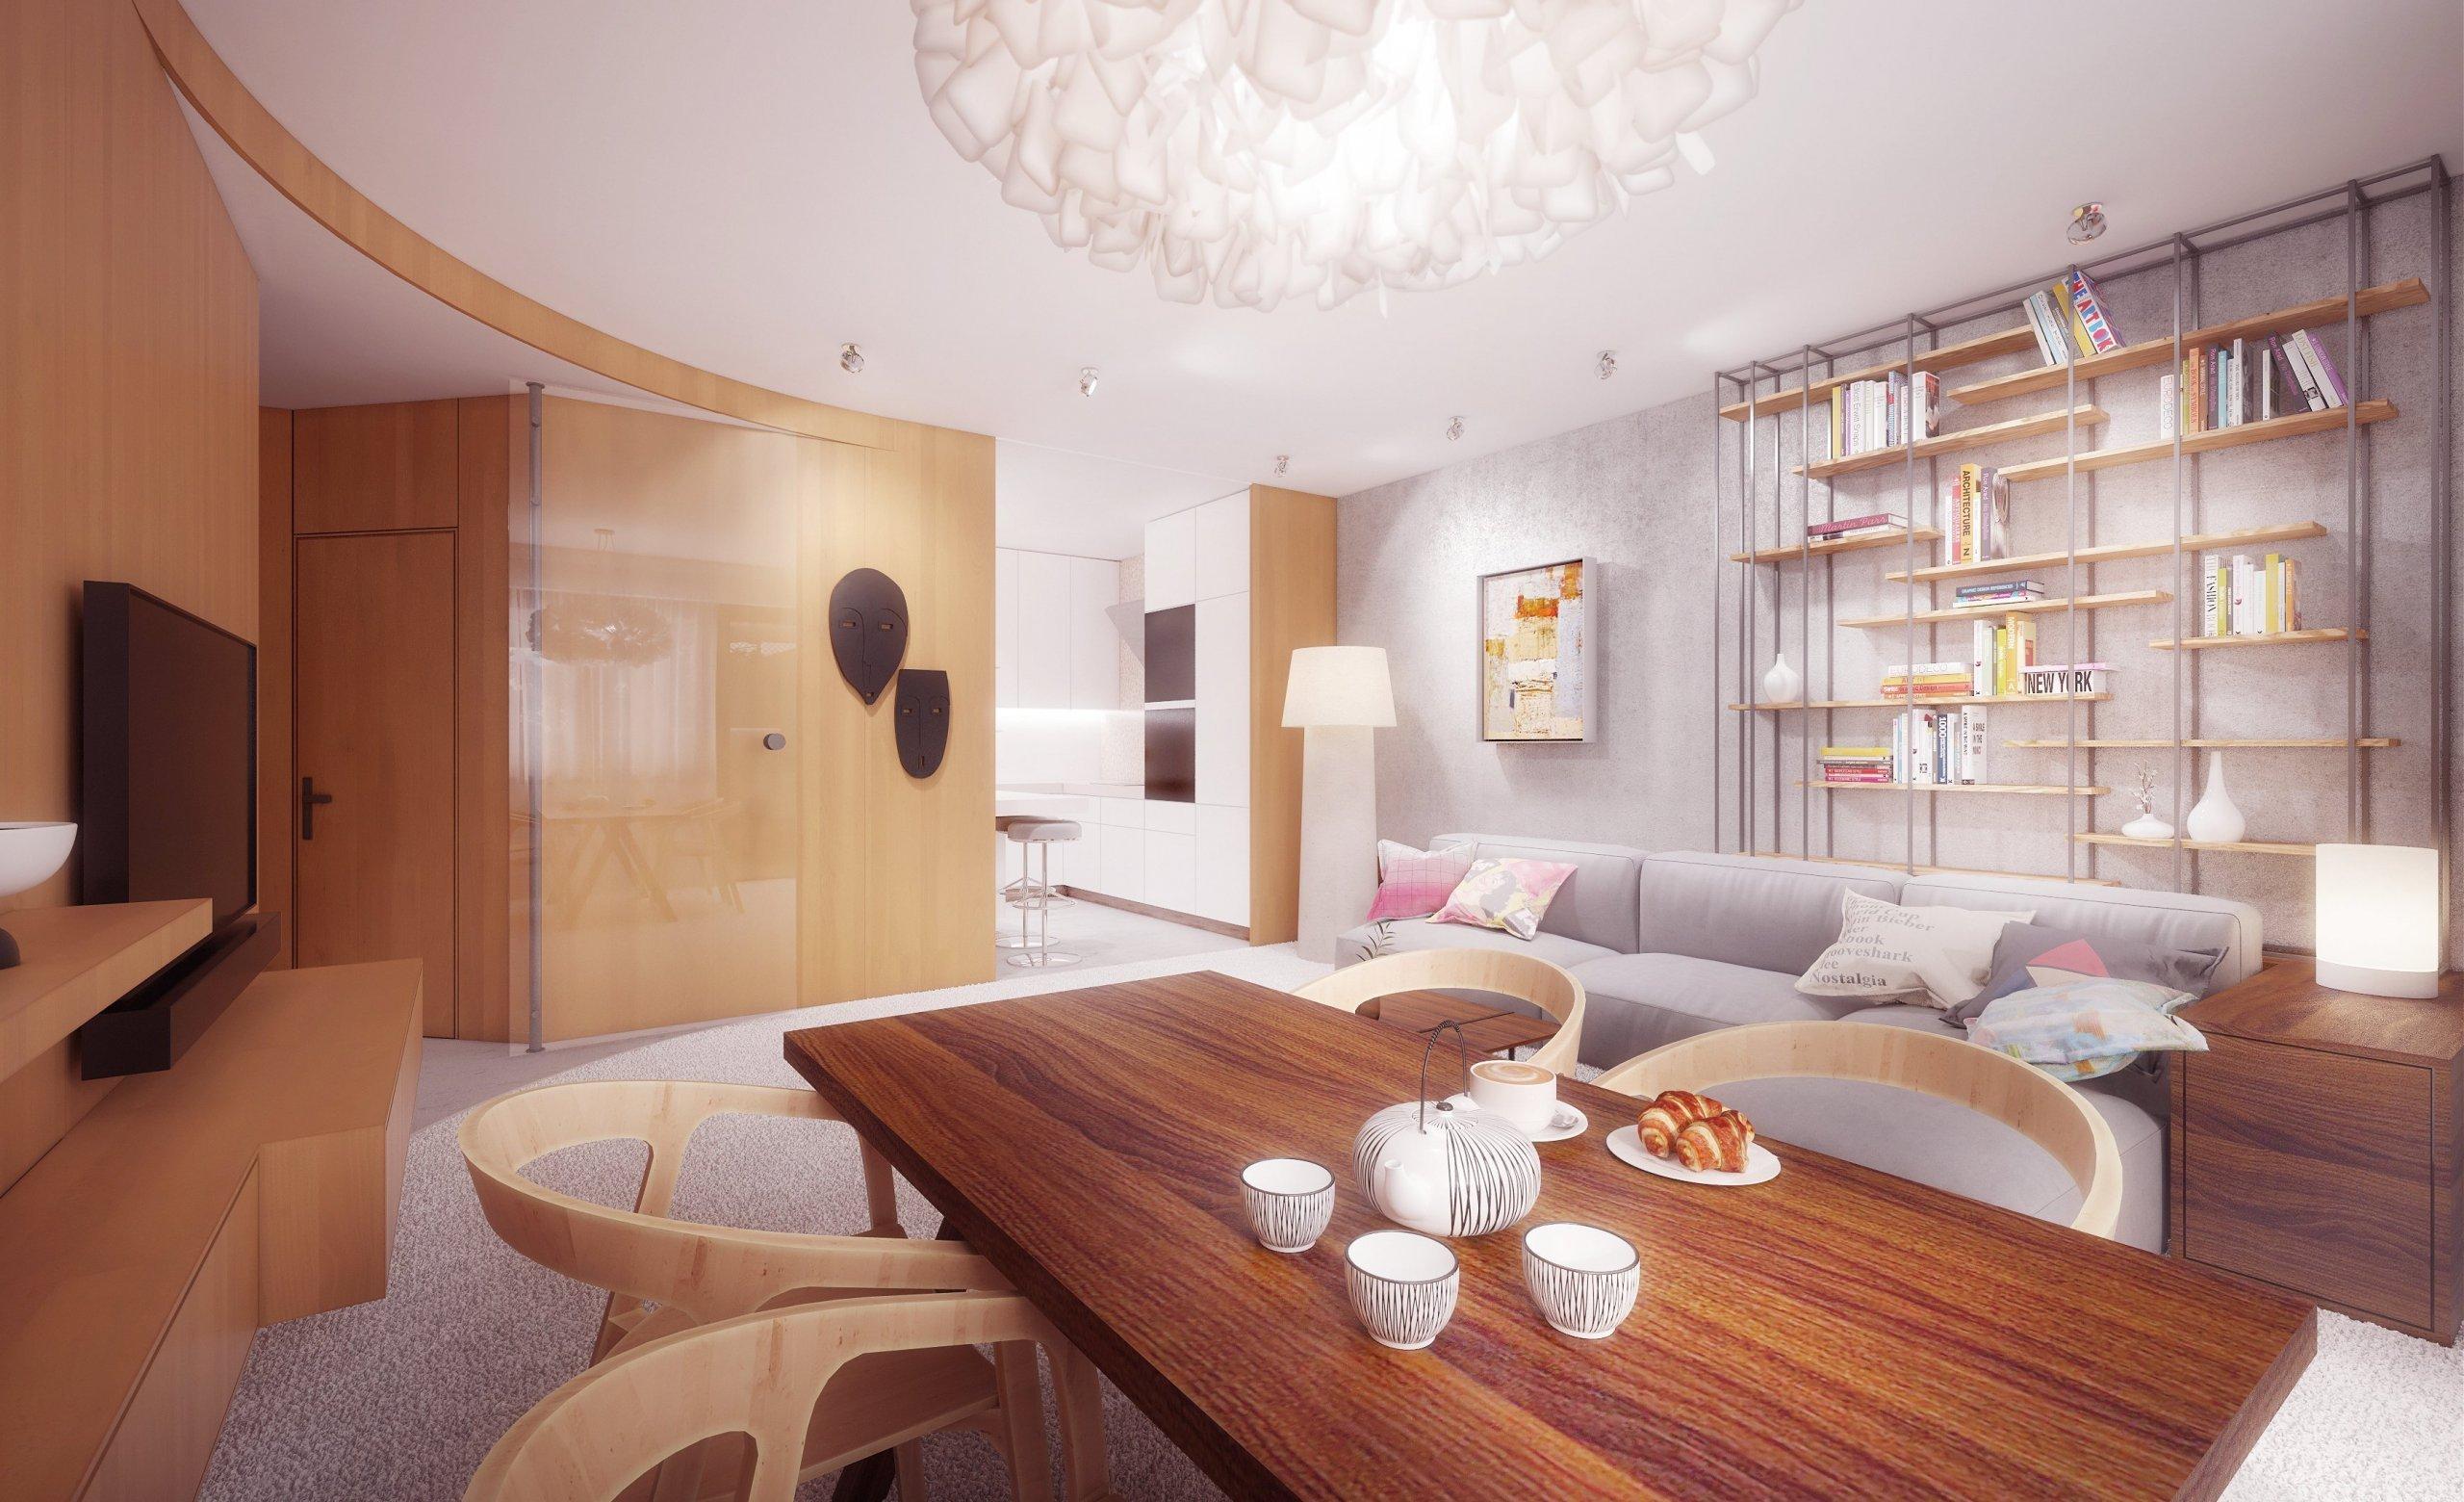 Drobnými stavebními úpravami se nám podařilo vytvořit přirozenou hierarchii místností v bytě. Výhledse otvírá od vstupních dveří přes halu do obývacího…